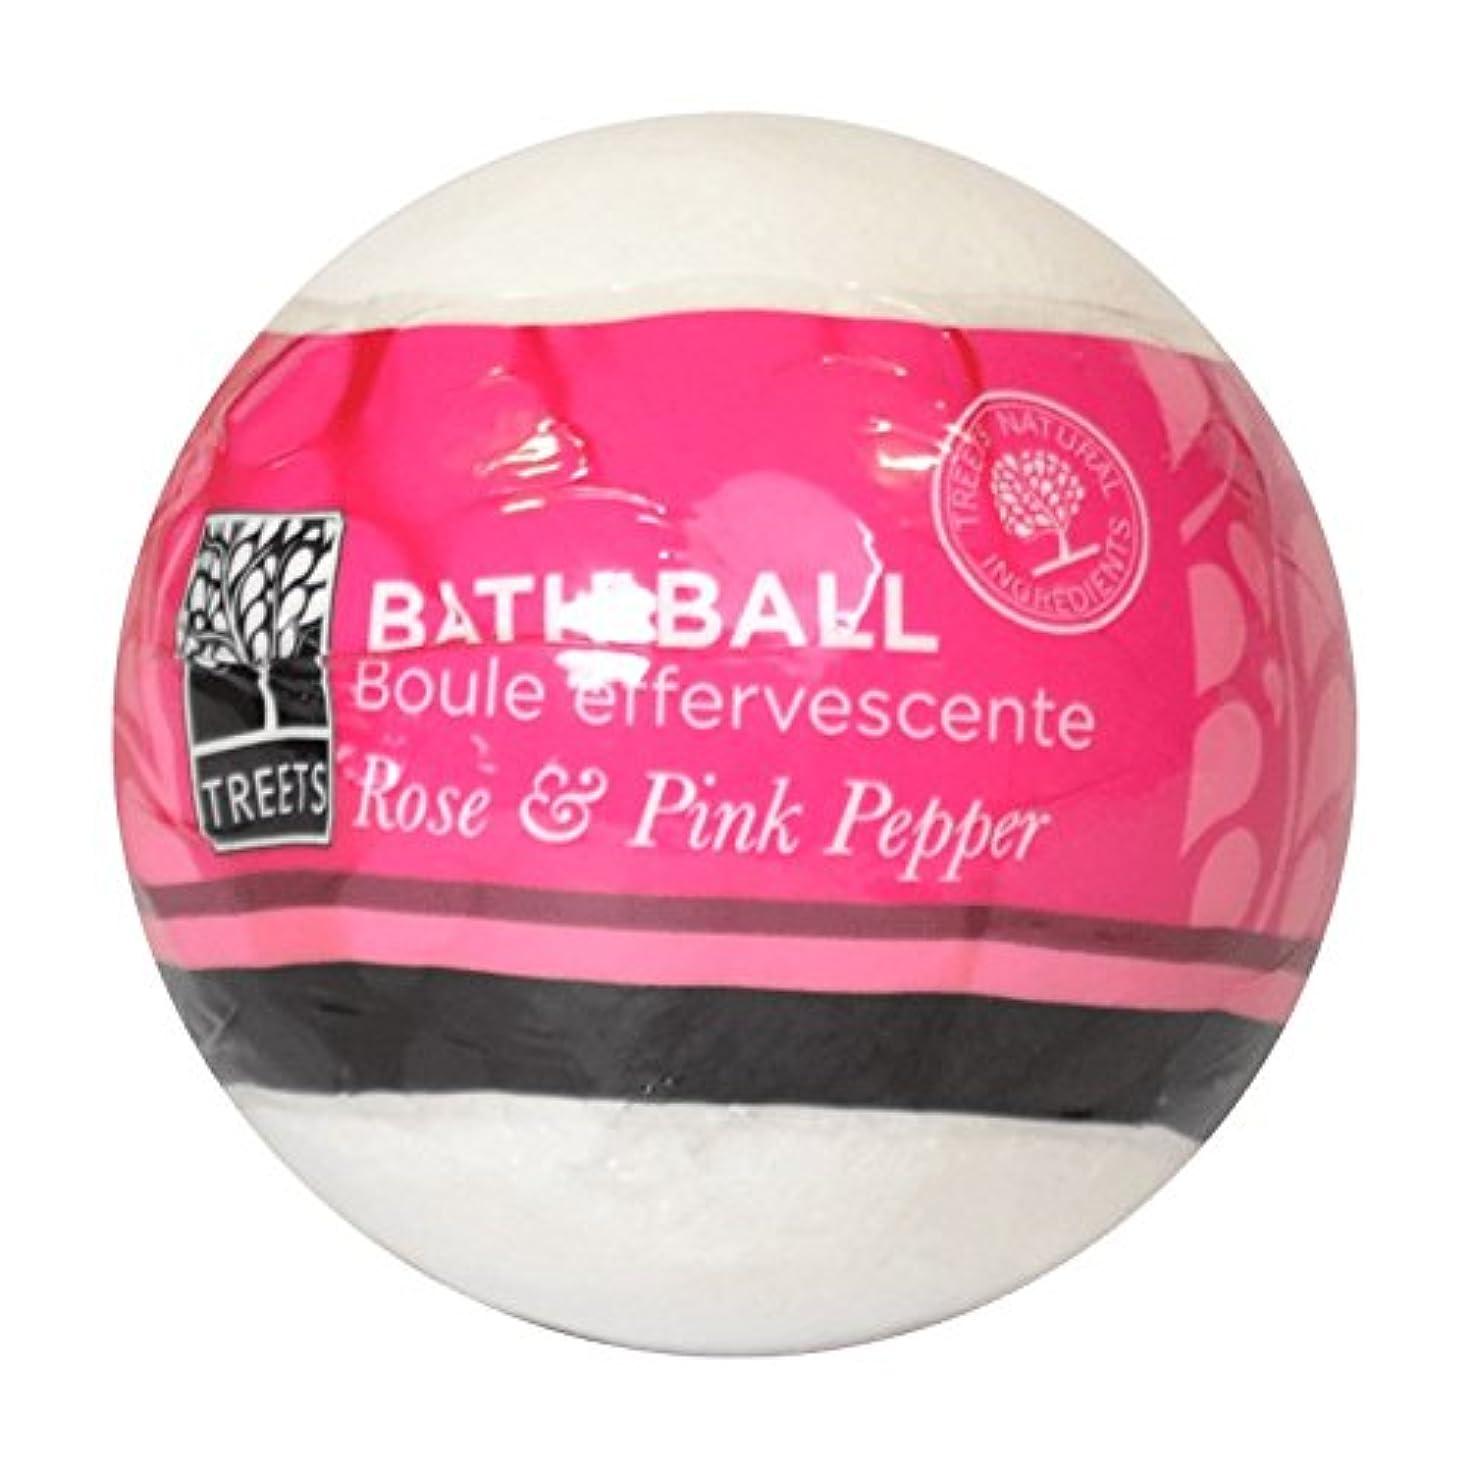 現像スツール裁判官Treets Rose & Pink Pepper Bath Ball 180g (Pack of 2) - Treetsローズ&ピンクペッパーバスボール180グラム (x2) [並行輸入品]